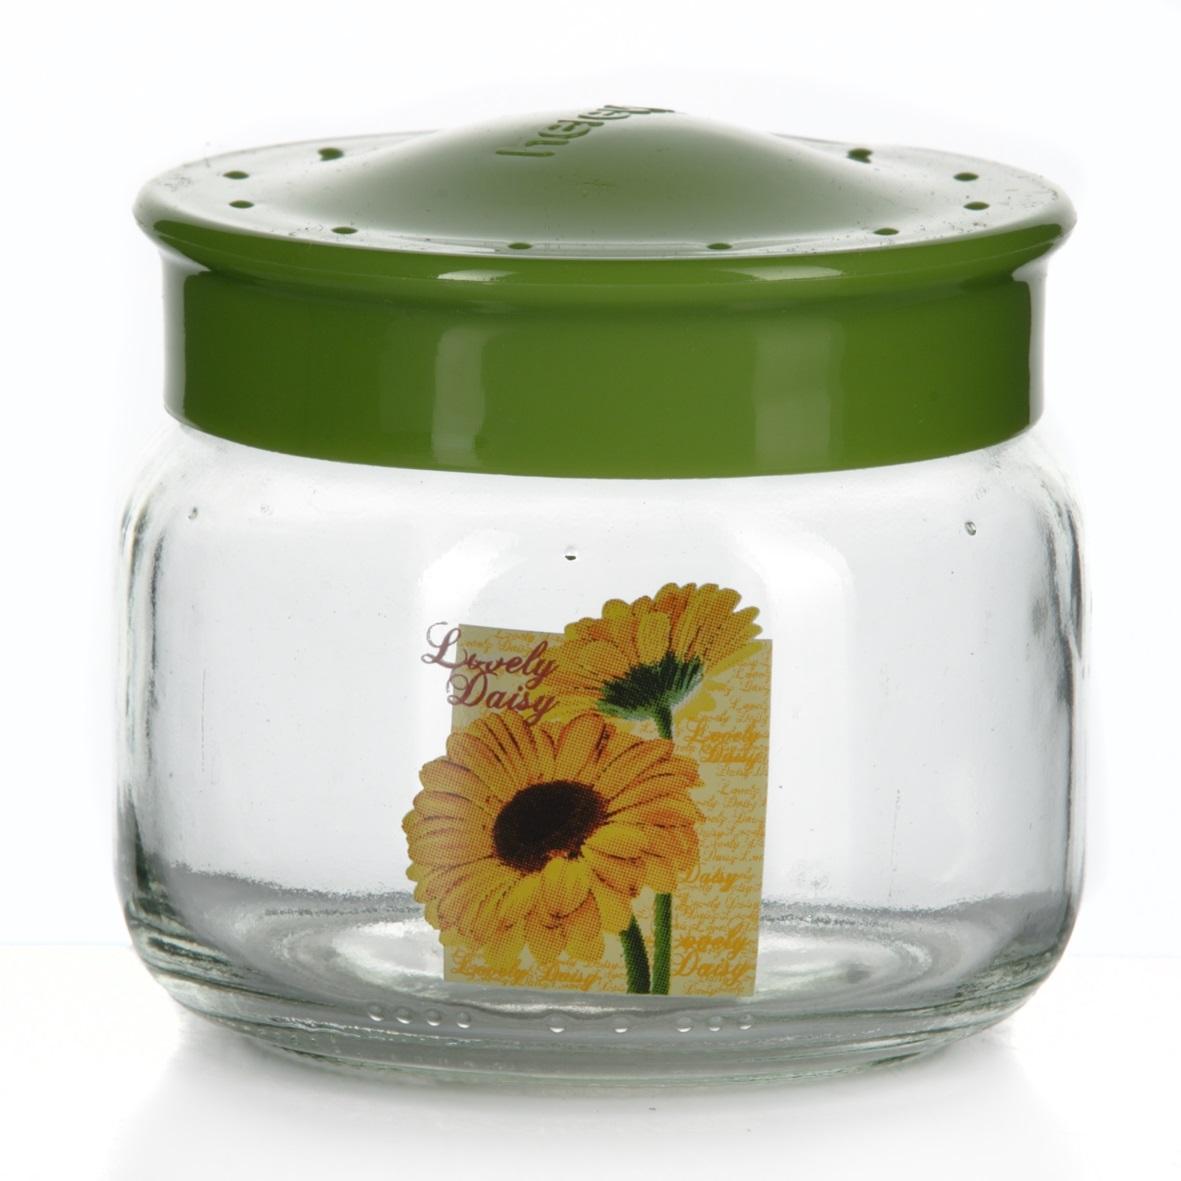 Банка для сыпучих продуктов Herevin, цвет: зеленый, 400 мл. 171018-000171018-000Банка для сыпучих продуктов Herevin, изготовленная из прочного стекла, декорирована изображением цветка. Банка оснащена плотно закрывающейся пластиковой крышкой. Благодаря этому внутри сохраняется герметичность, и продукты дольше остаются свежими. Изделие предназначено для хранения различных сыпучих продуктов: круп, чая, сахара, орехов и т.д. Функциональная и вместительная, такая банка станет незаменимым аксессуаром на любой кухне. Можно мыть в посудомоечной машине. Пластиковые части рекомендуется мыть вручную. Объем: 400 мл. Диаметр (по верхнему краю): 7,5 см. Высота банки (без учета крышки): 8 см.